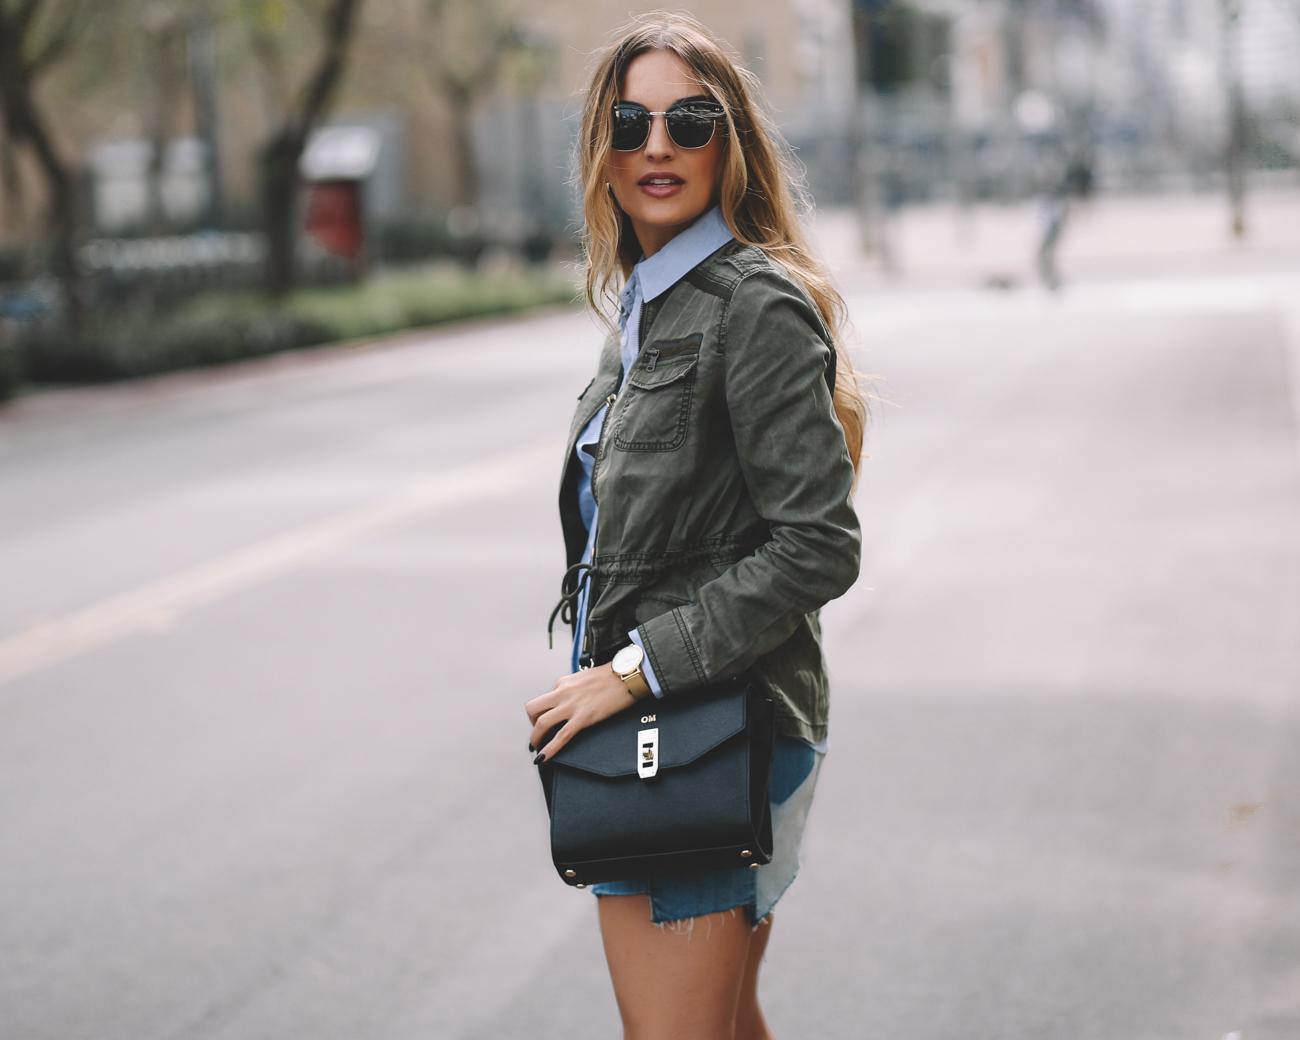 GAP Olive Military Jacket